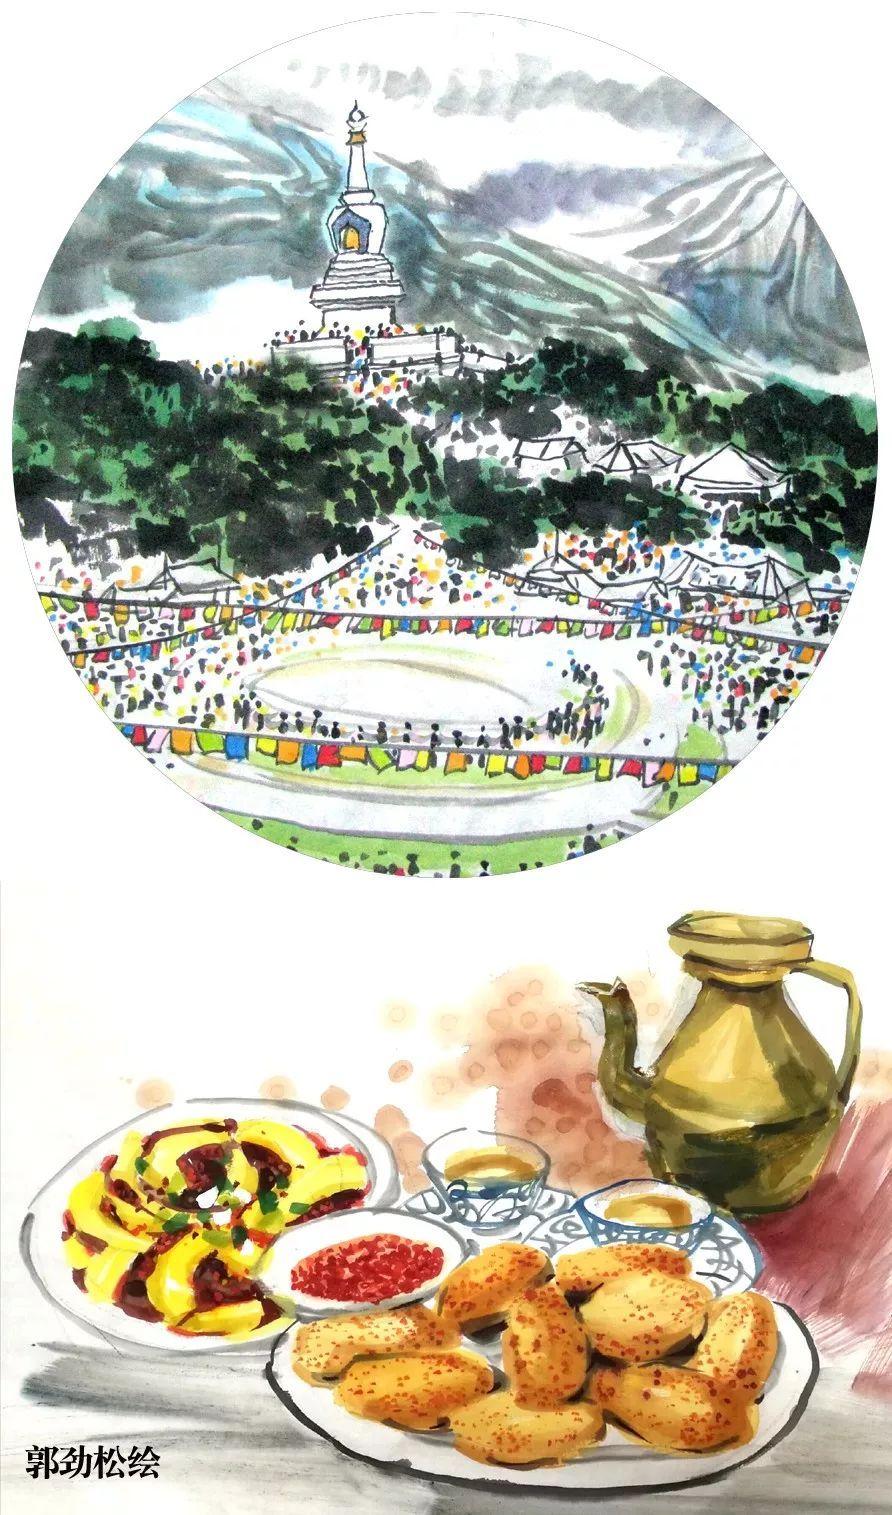 画家手绘四川21市州美食,快看代表巴中的是啥子美食